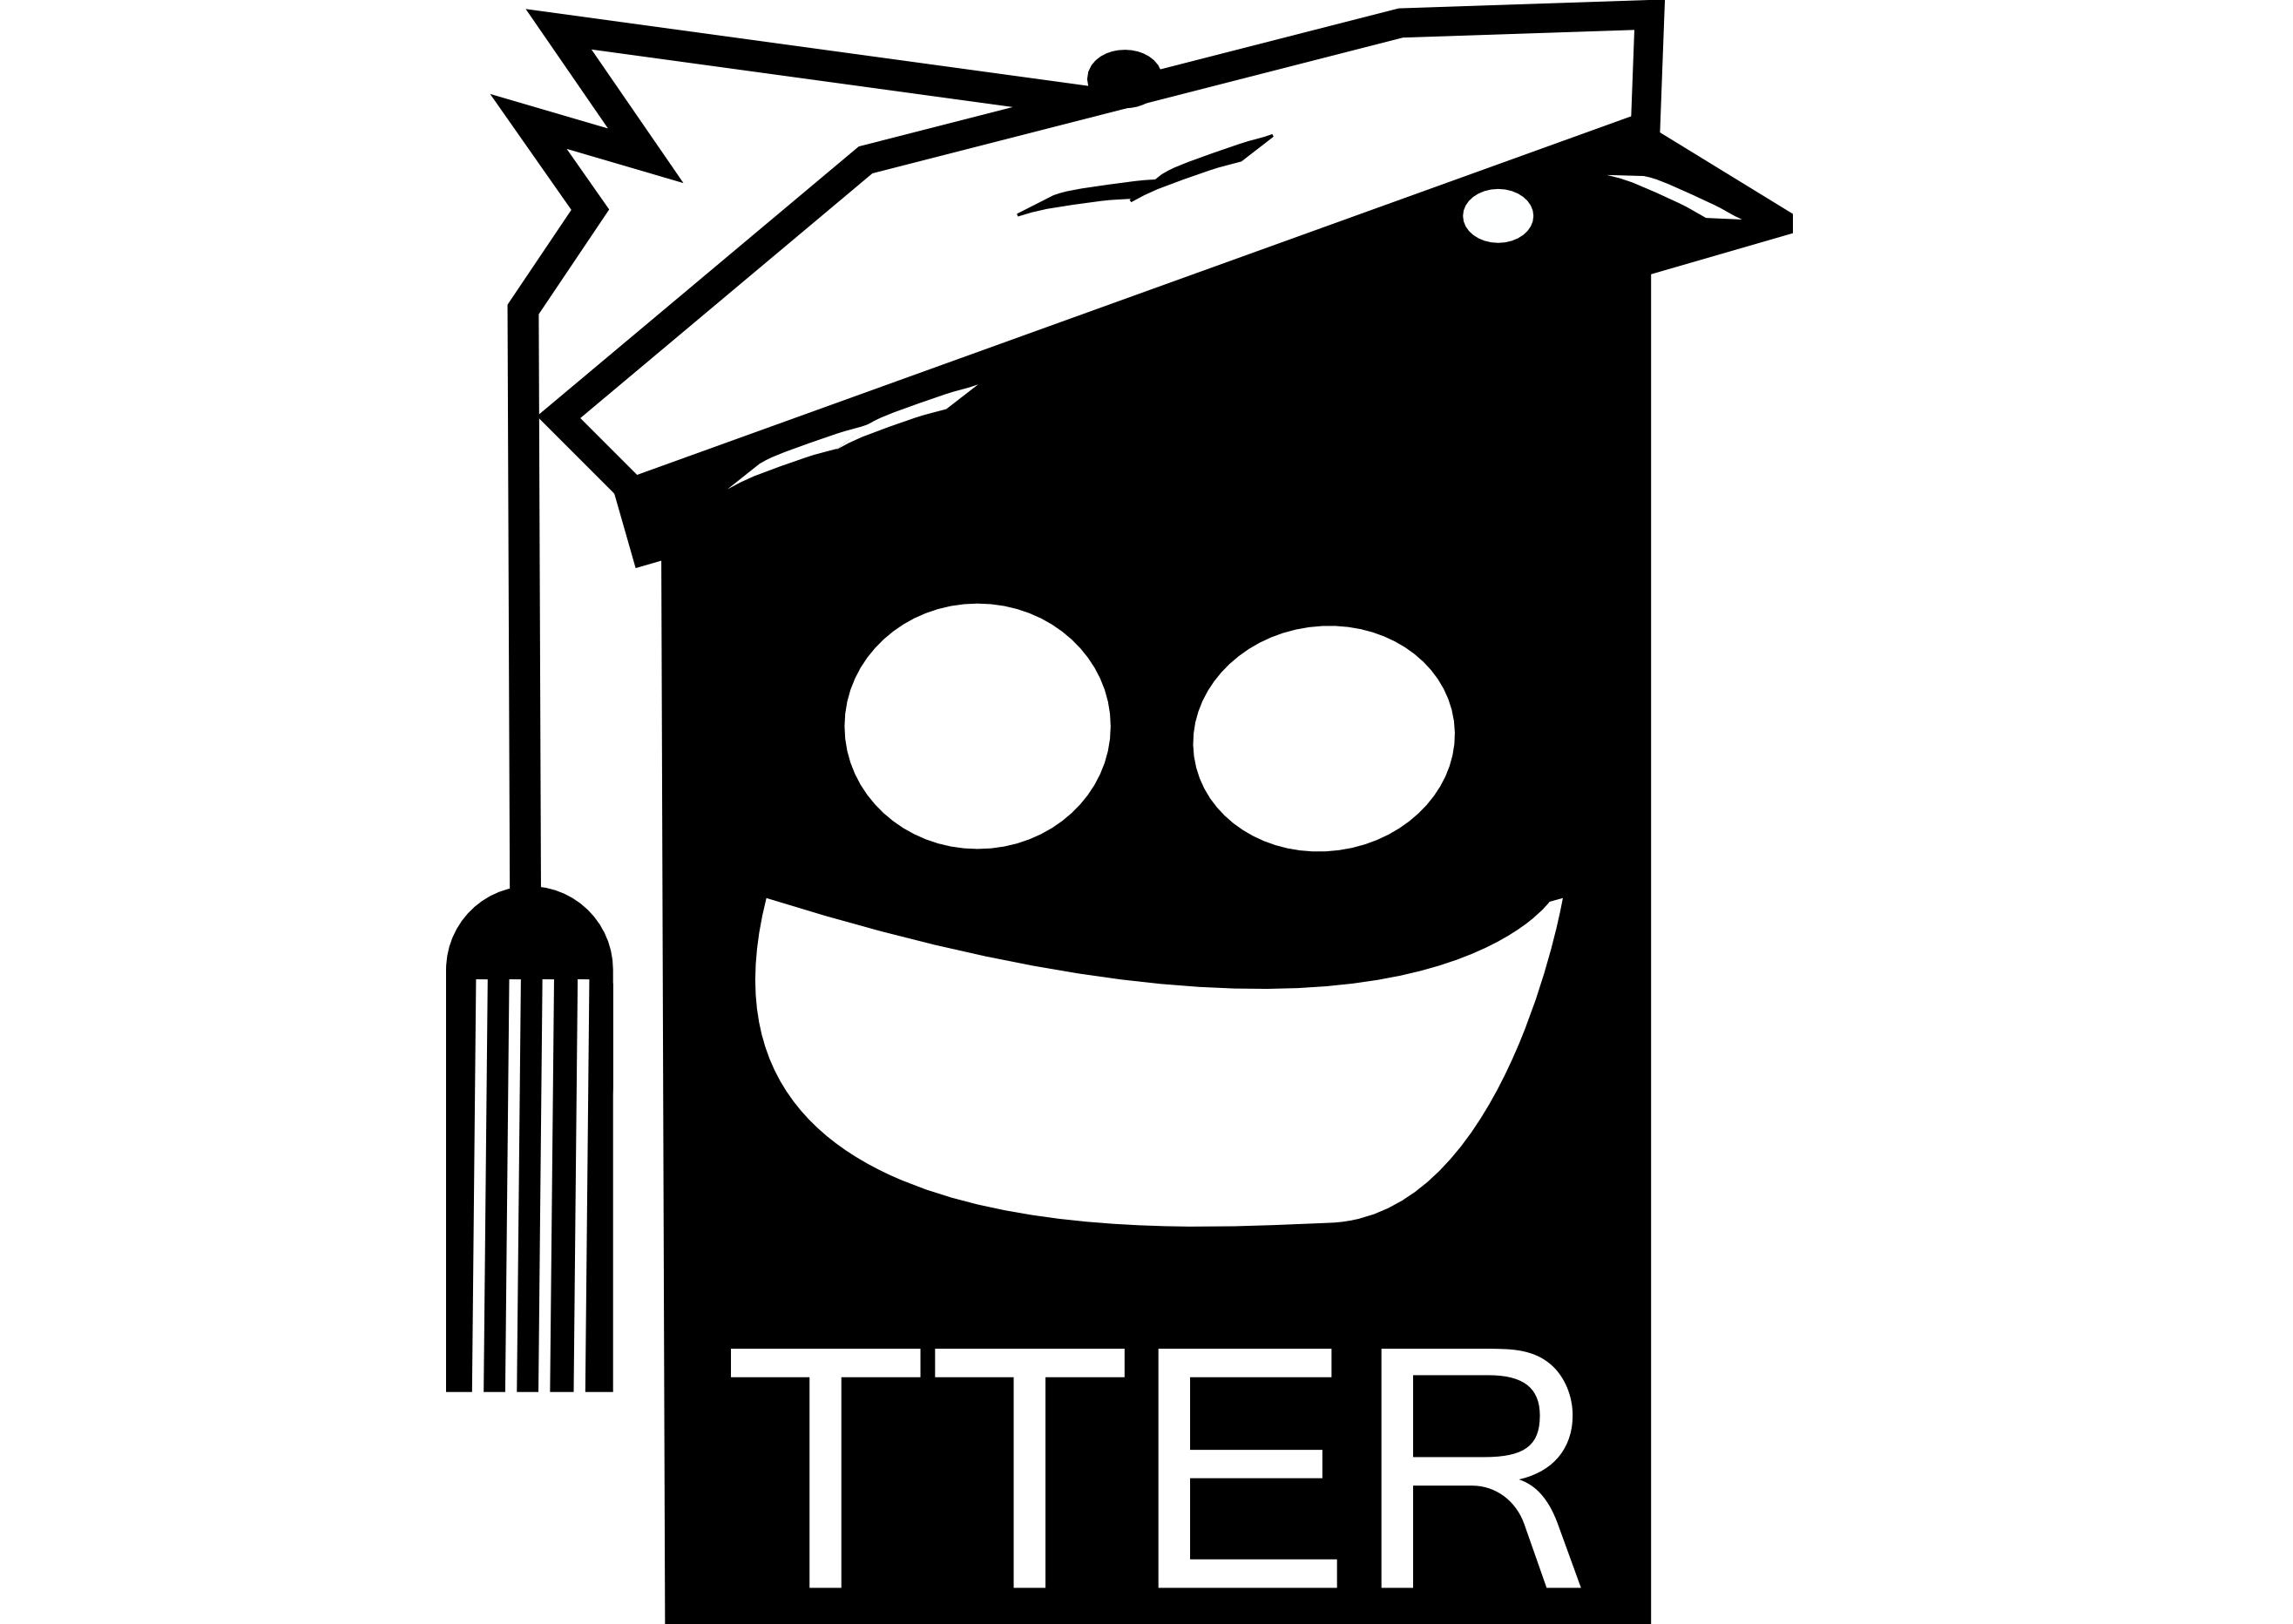 tter_logo